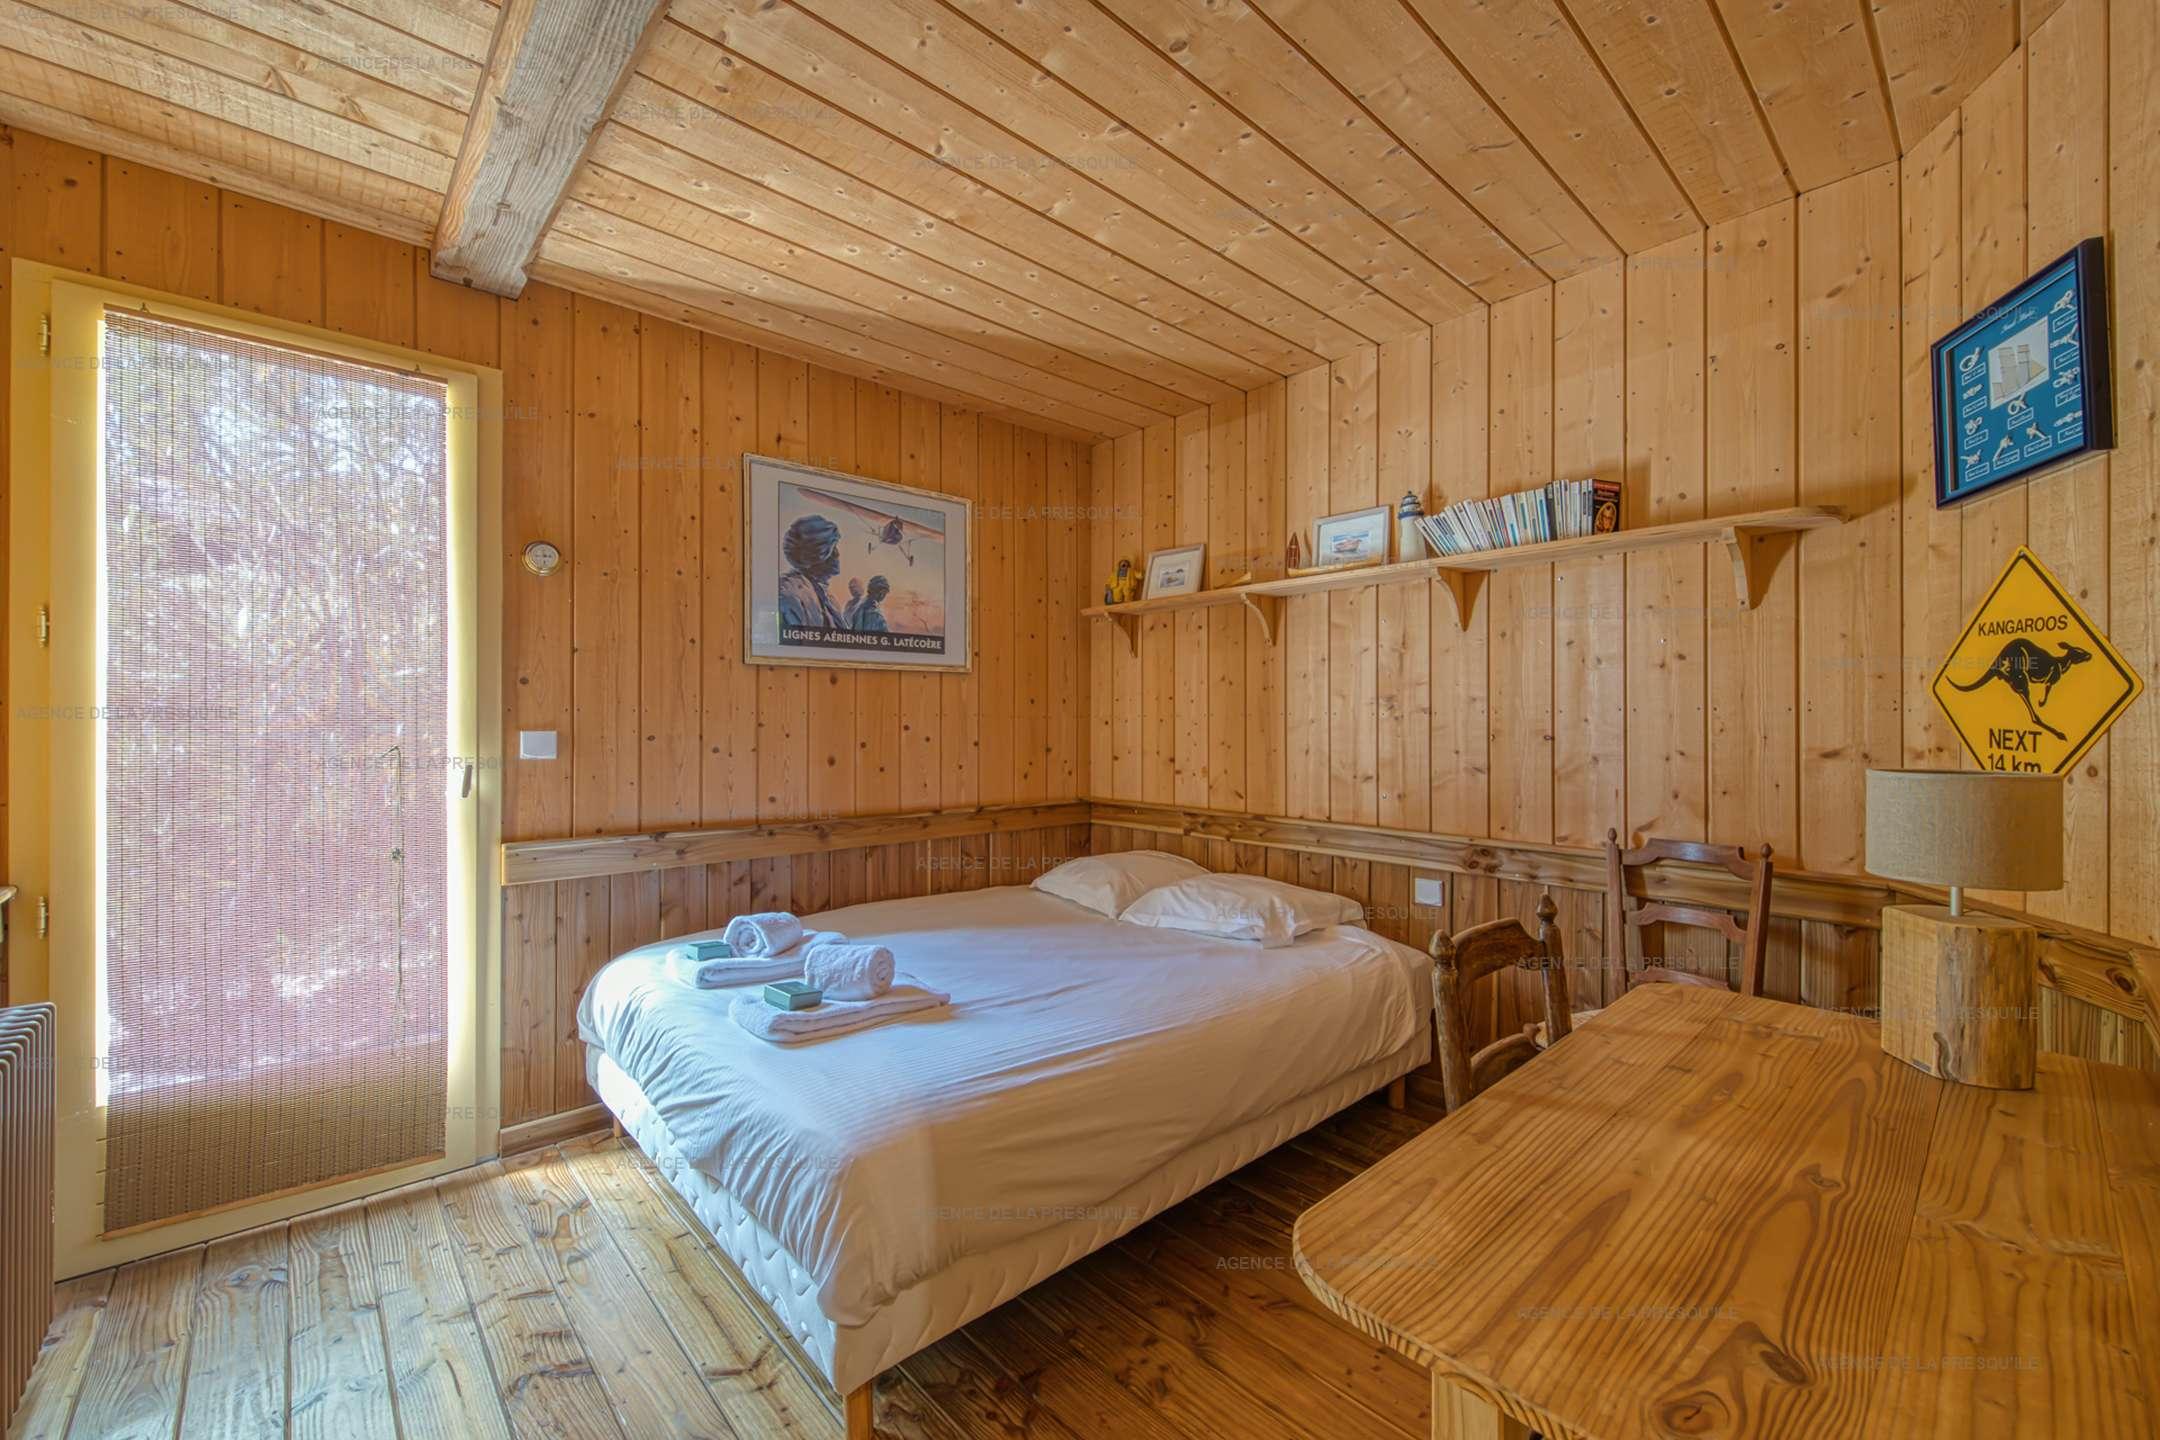 Location: Très belle villa en bois avec vue panoramique sur le bassin 11